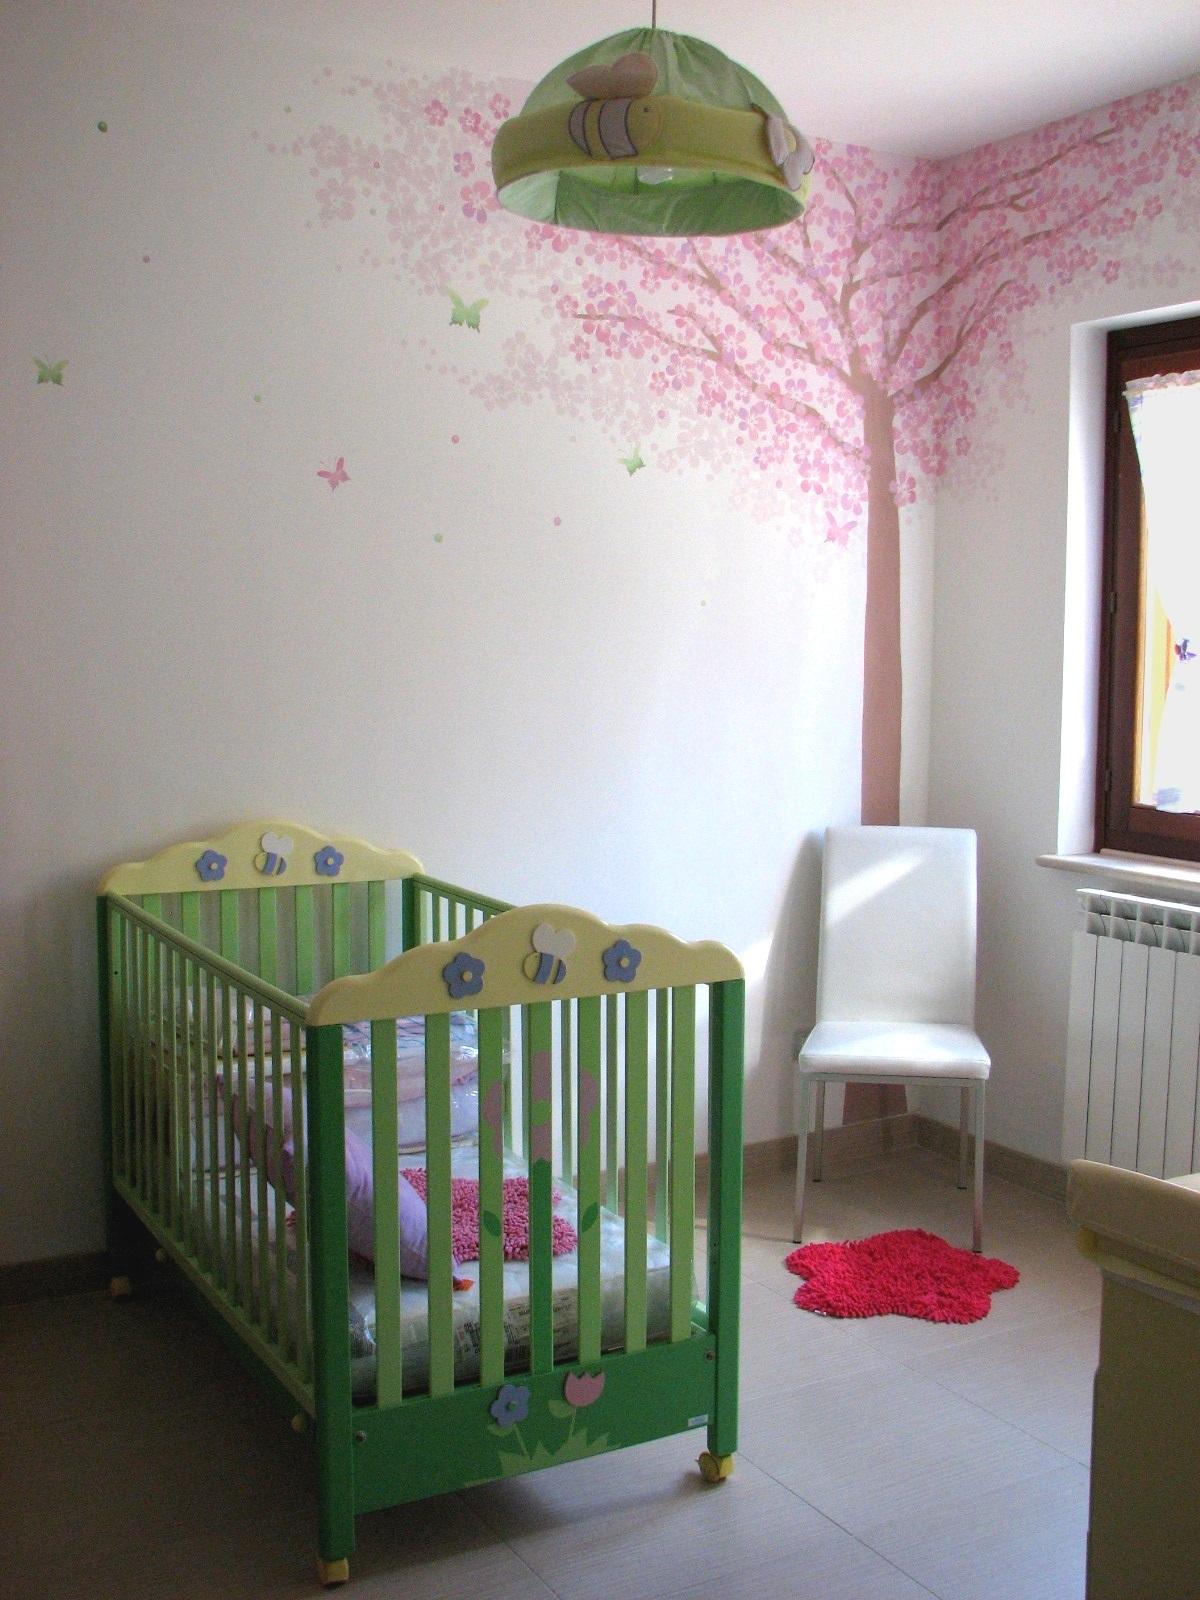 Dipinti Murali Per Camerette dipinti per camerette - chiara lanari